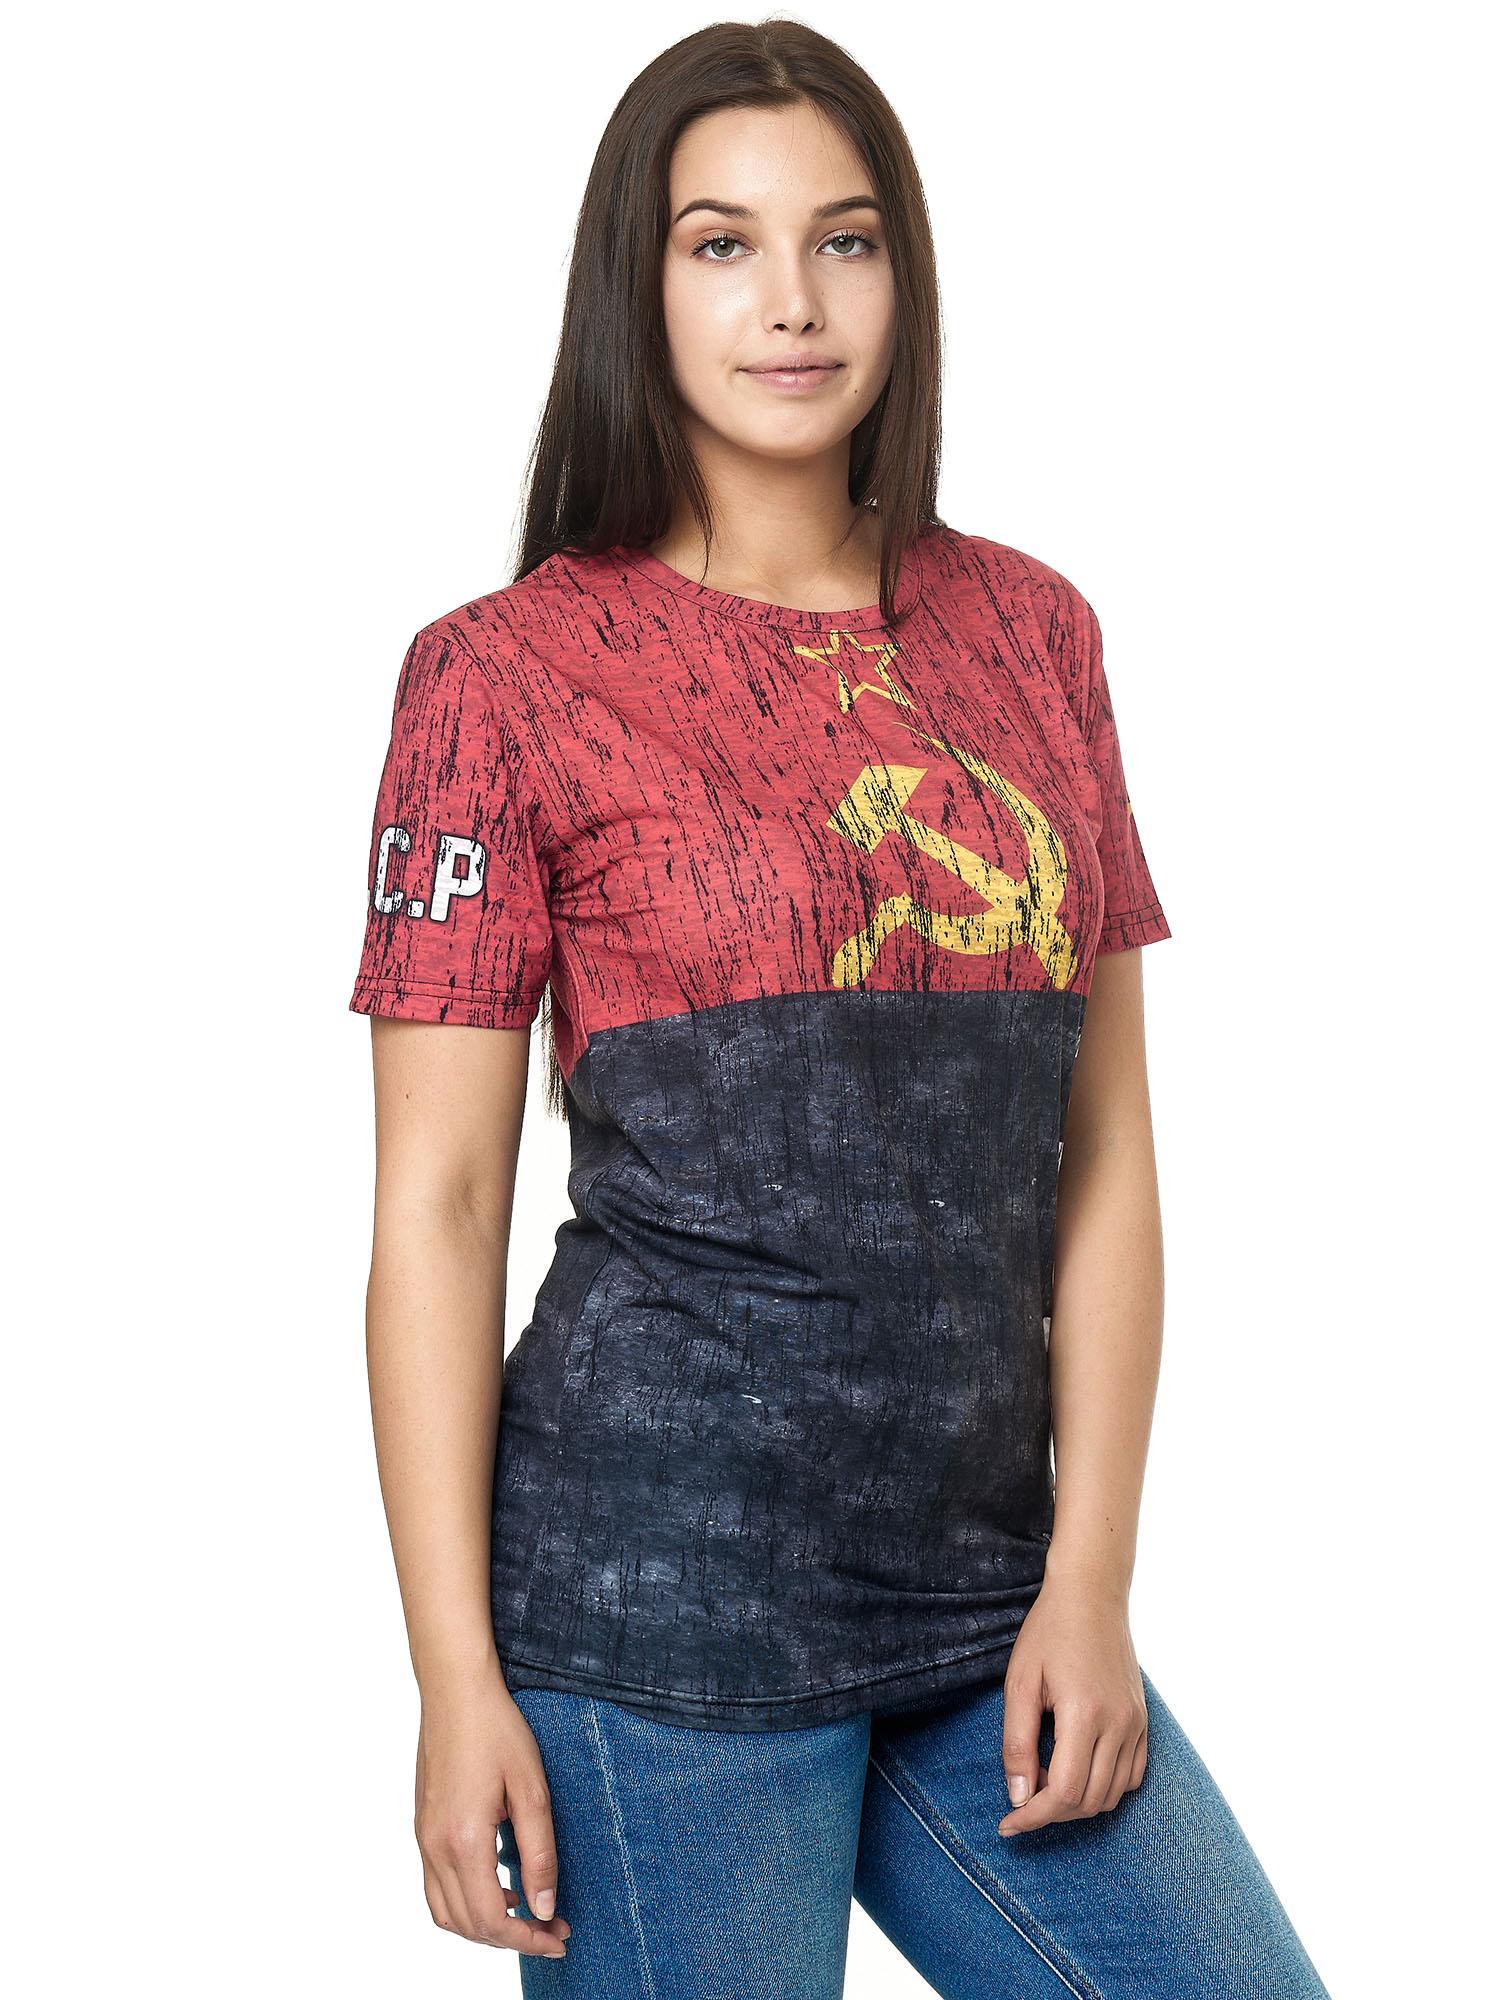 Paesi-da-Donna-T-shirt-A-Maniche-Corte-Girocollo-donne-CALCIO-Fanshirt-John-Kayna miniatura 19